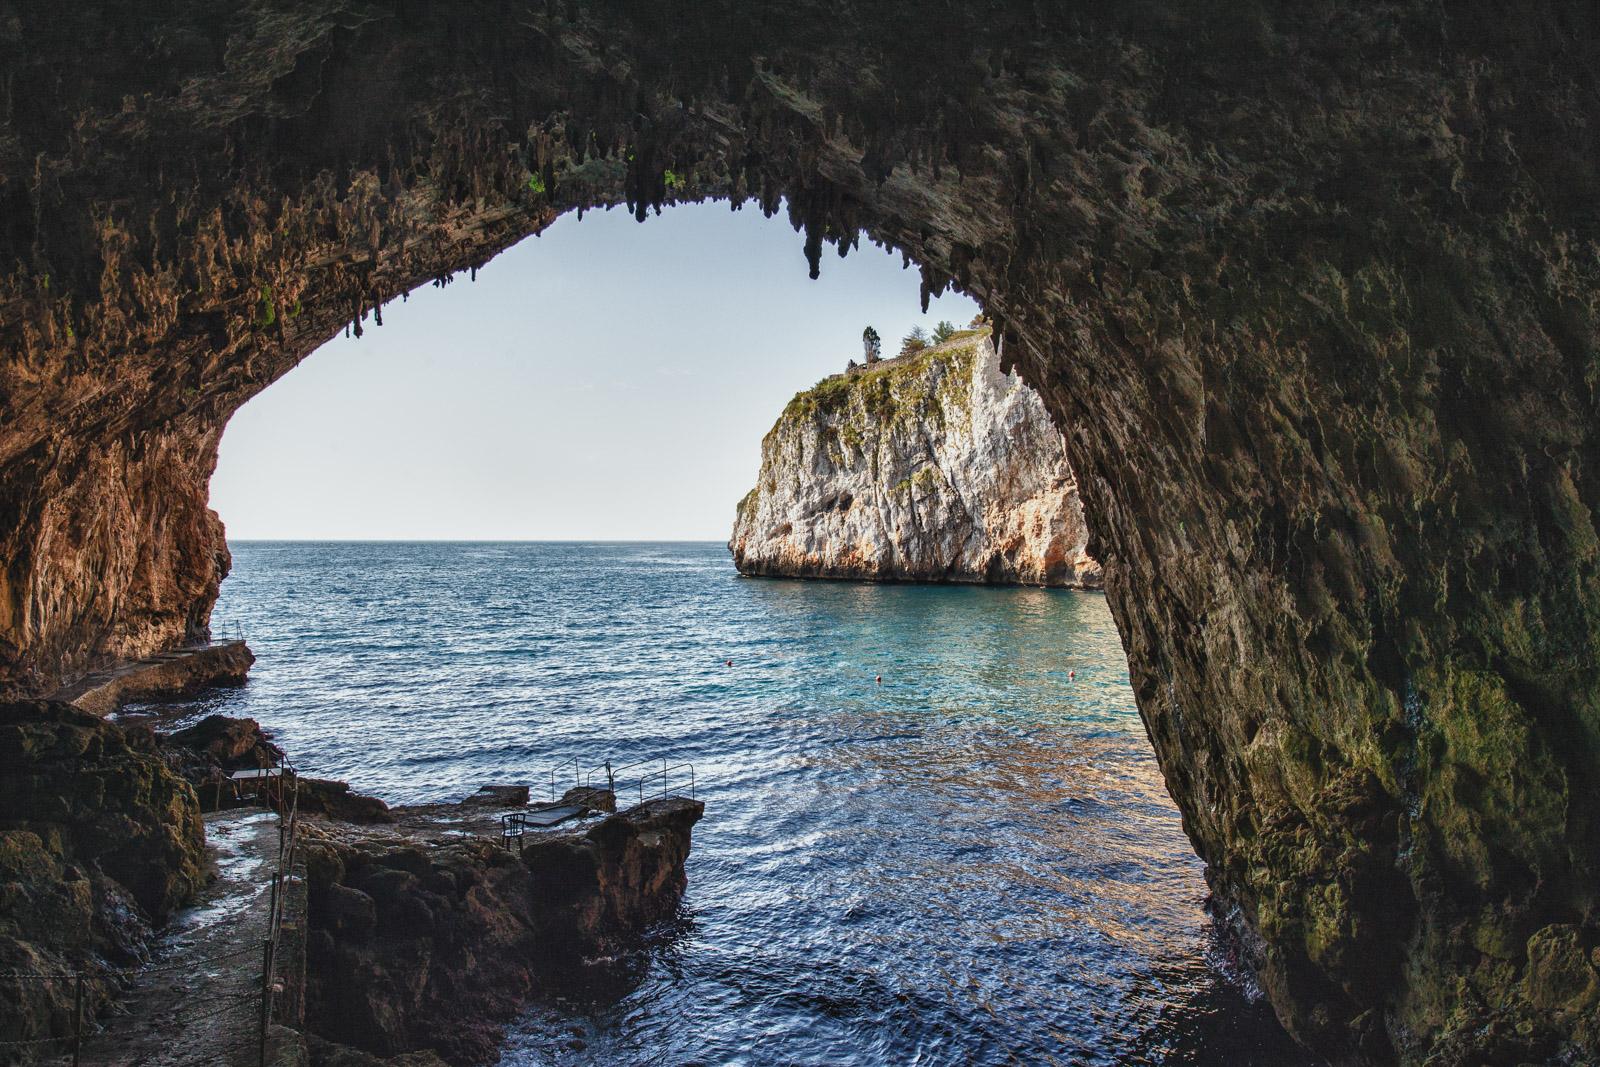 Grotta Zinzulusa, Castro, Puglia, Italy